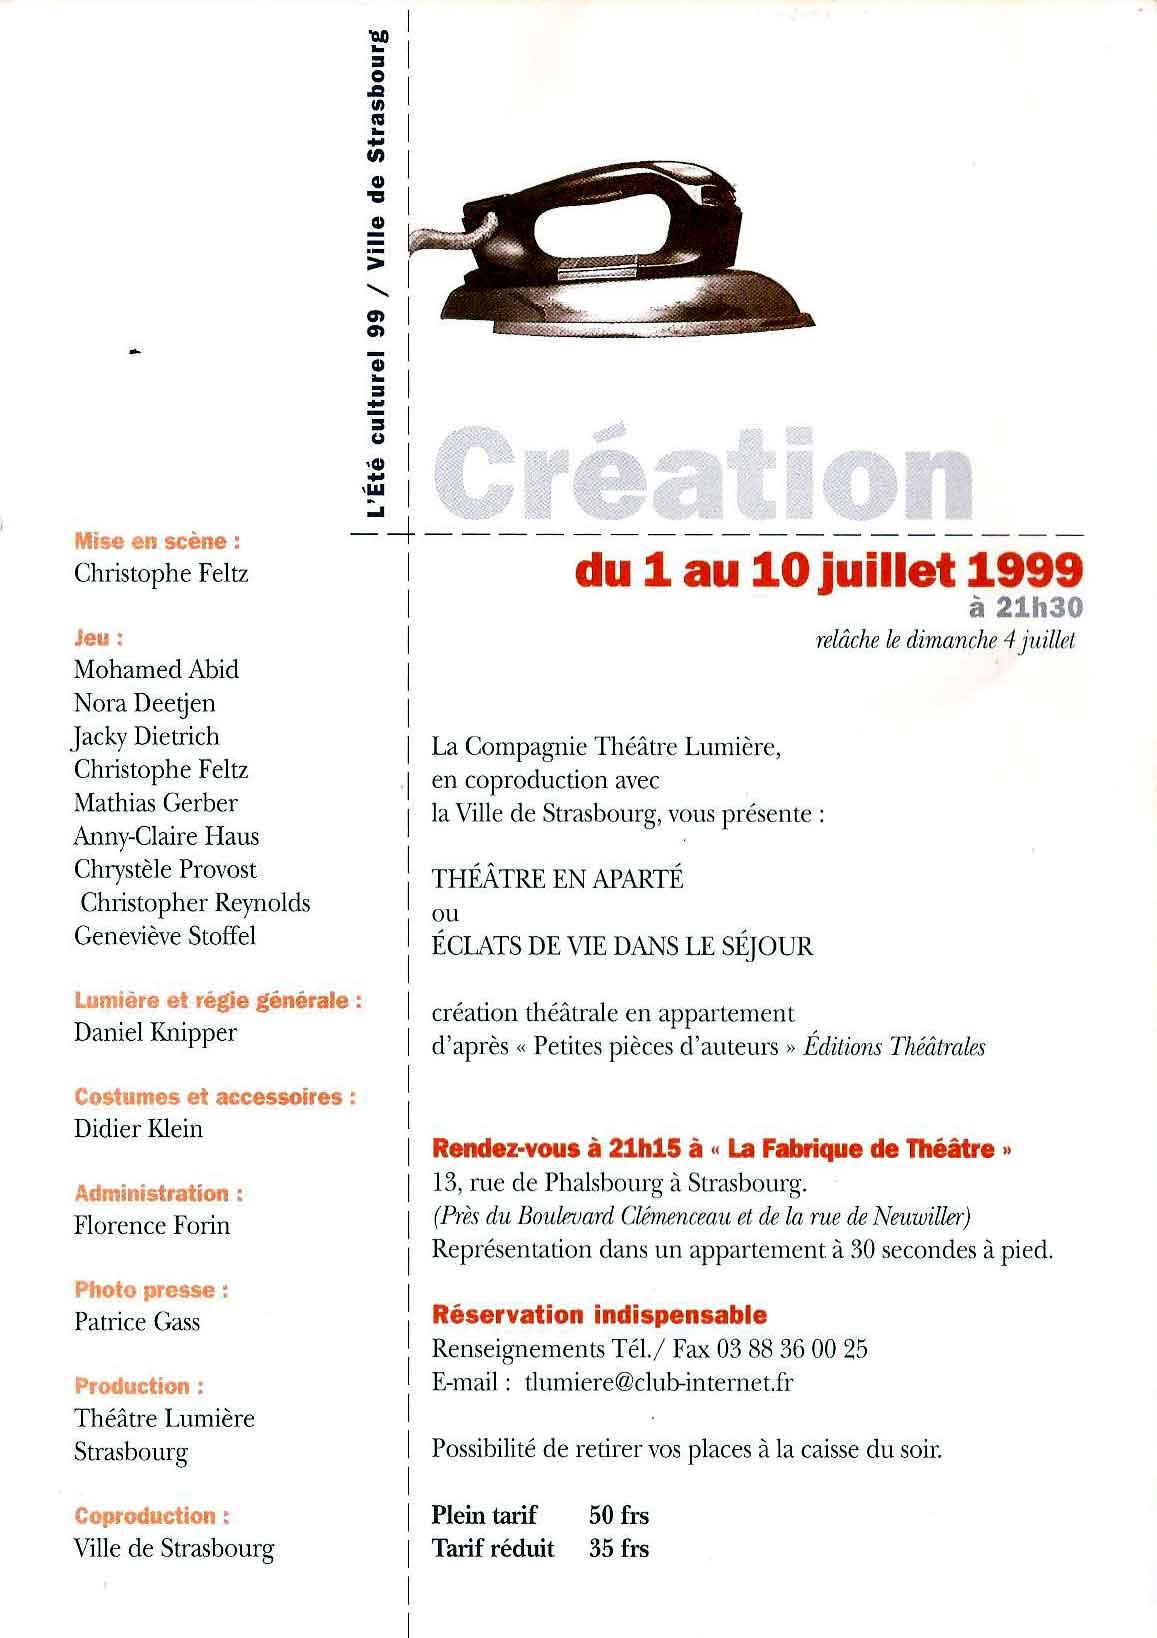 Theatre-en-apparte_1999